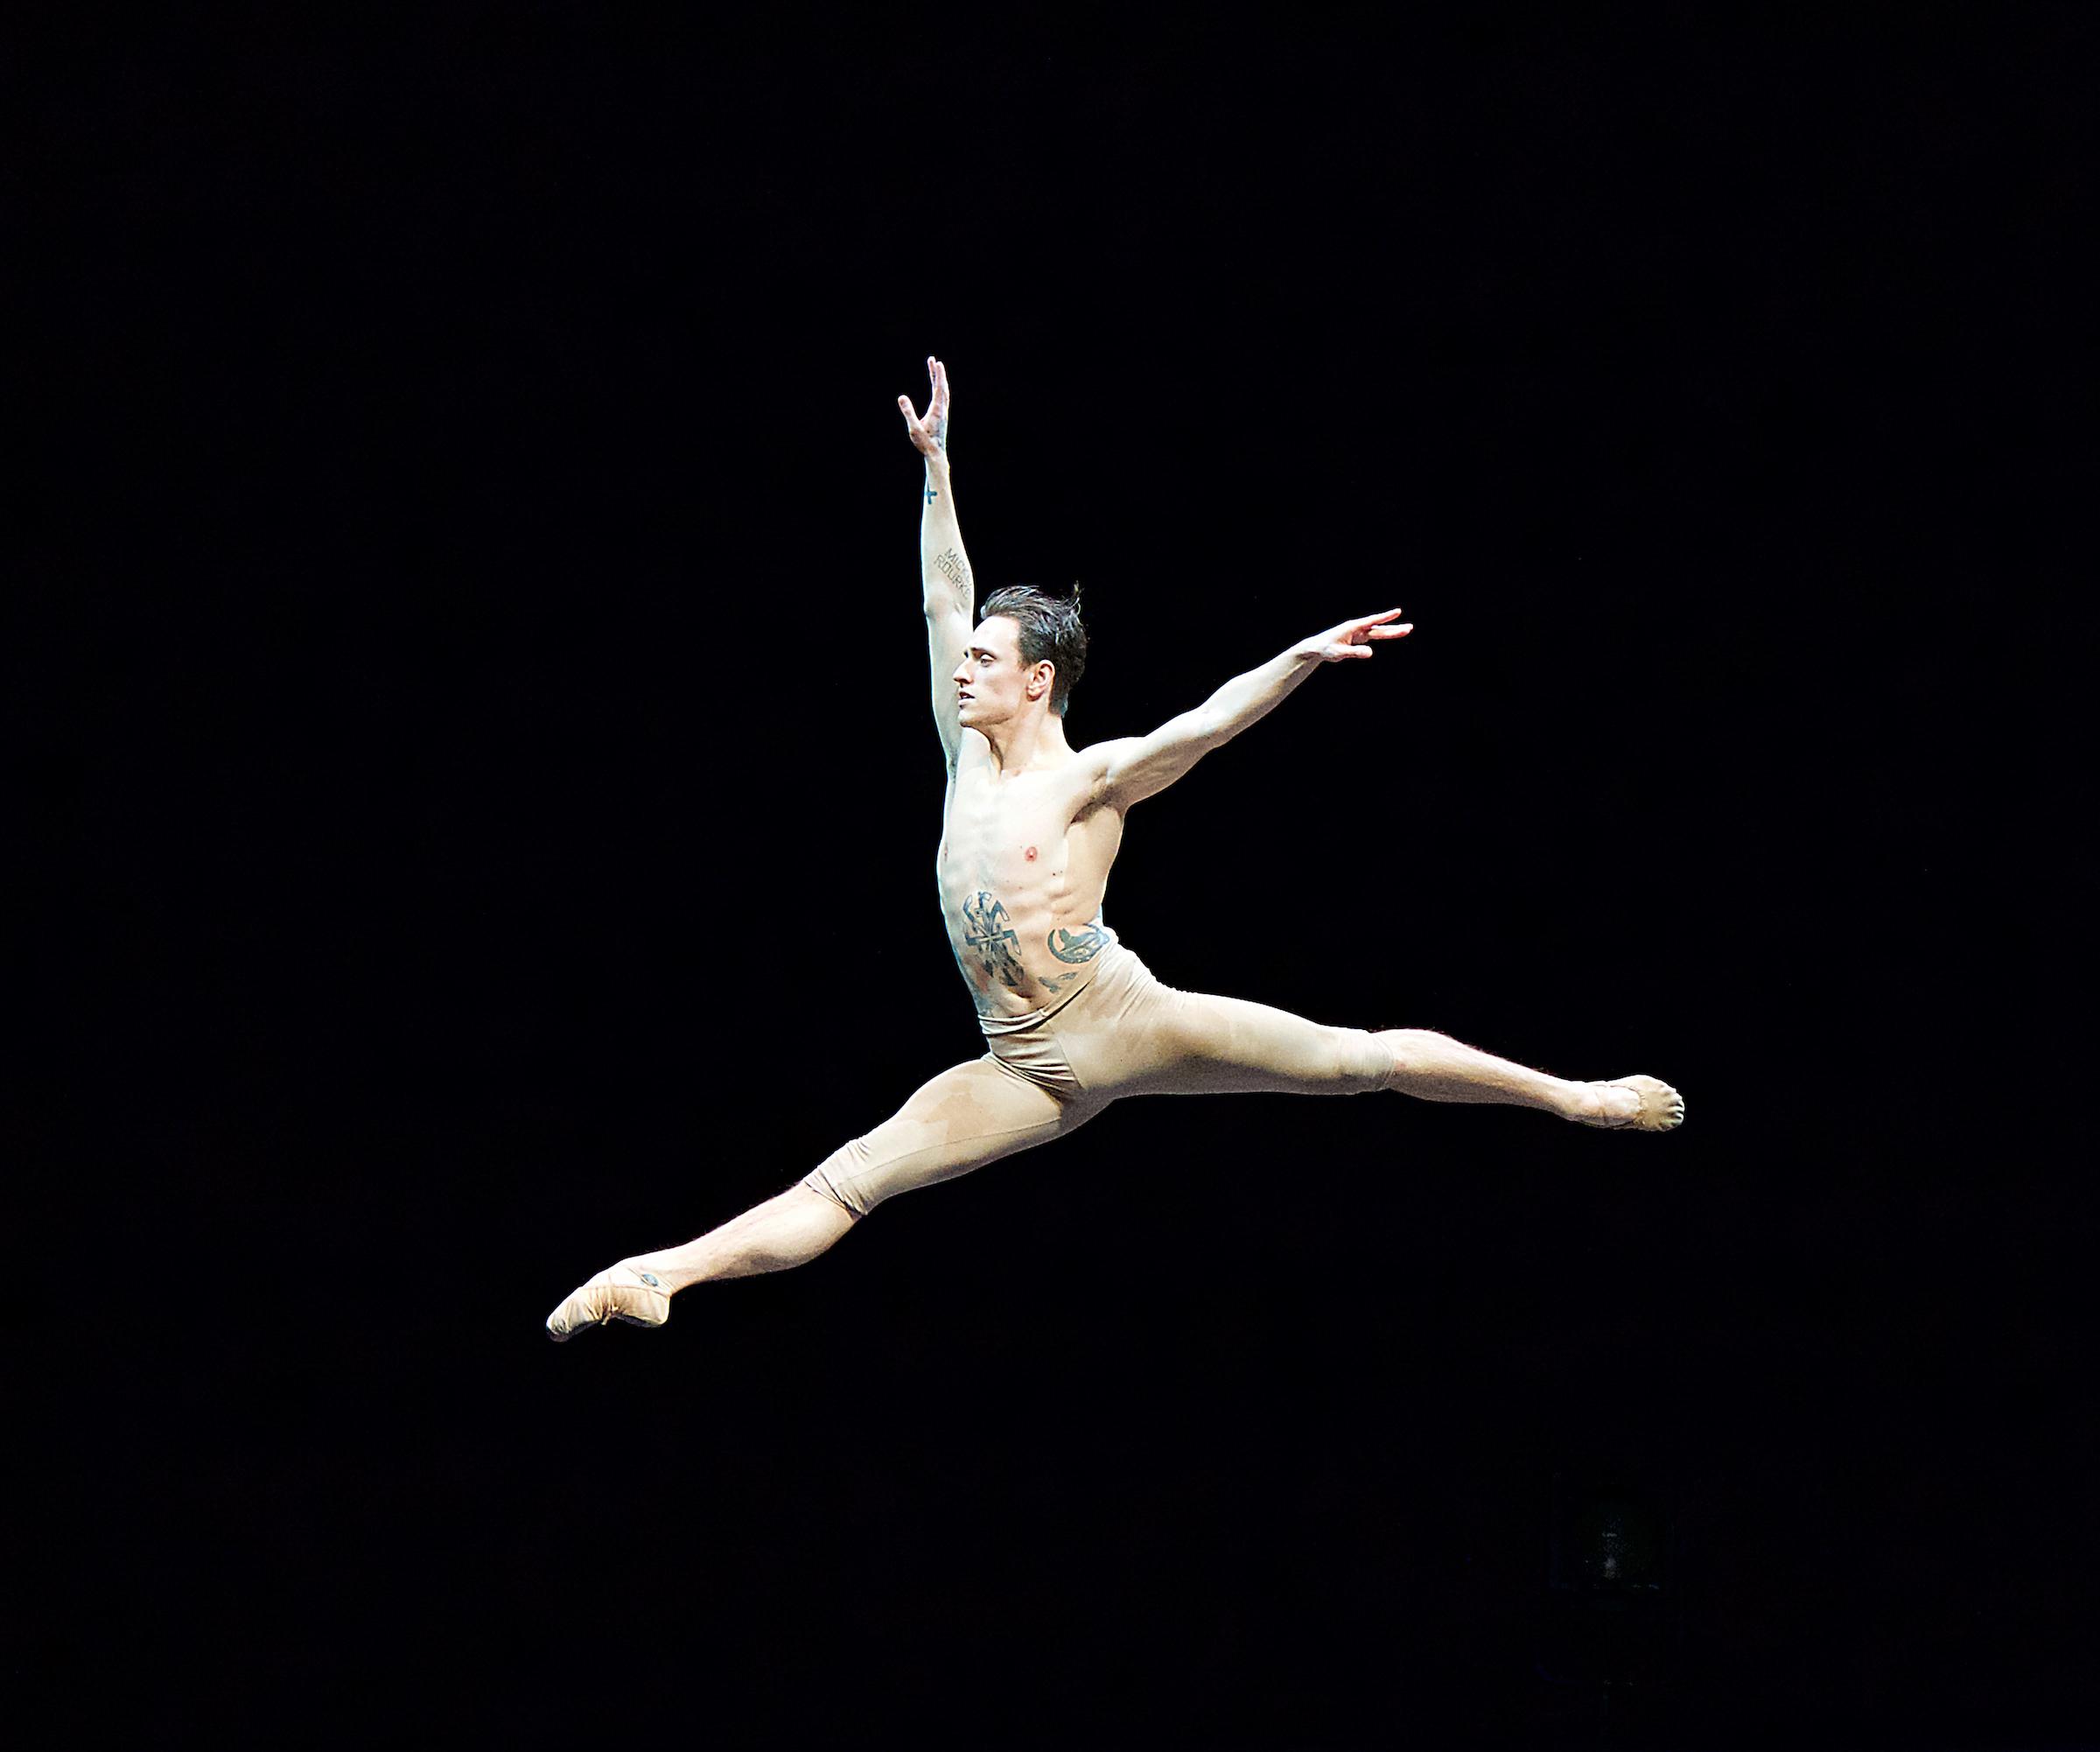 Franks_Sergei_Polunin_Dancer_2995.jpg